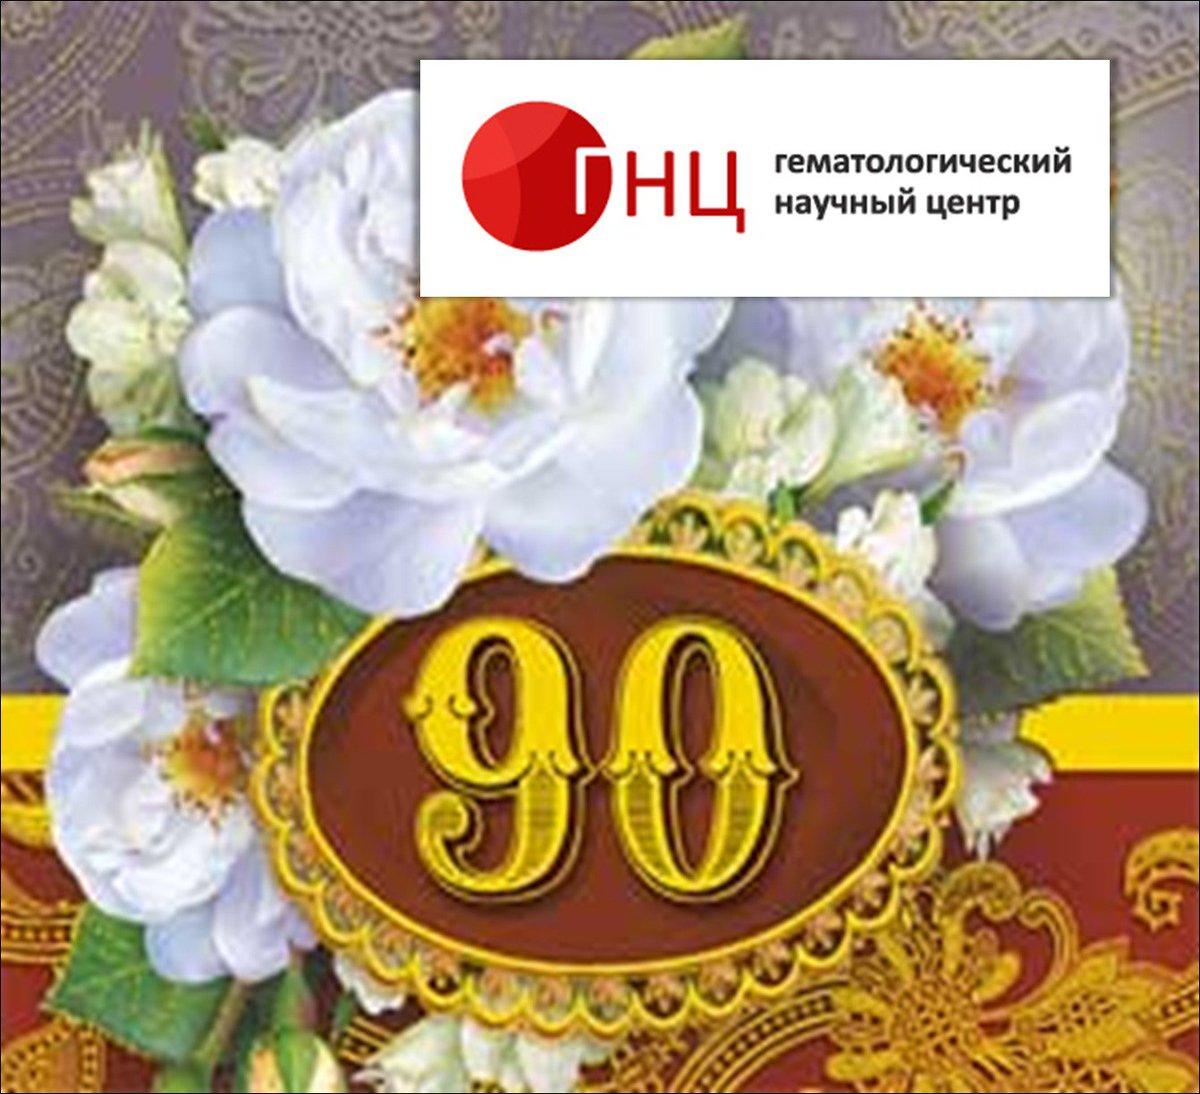 Поздравления с юбилеем 90 бабушке